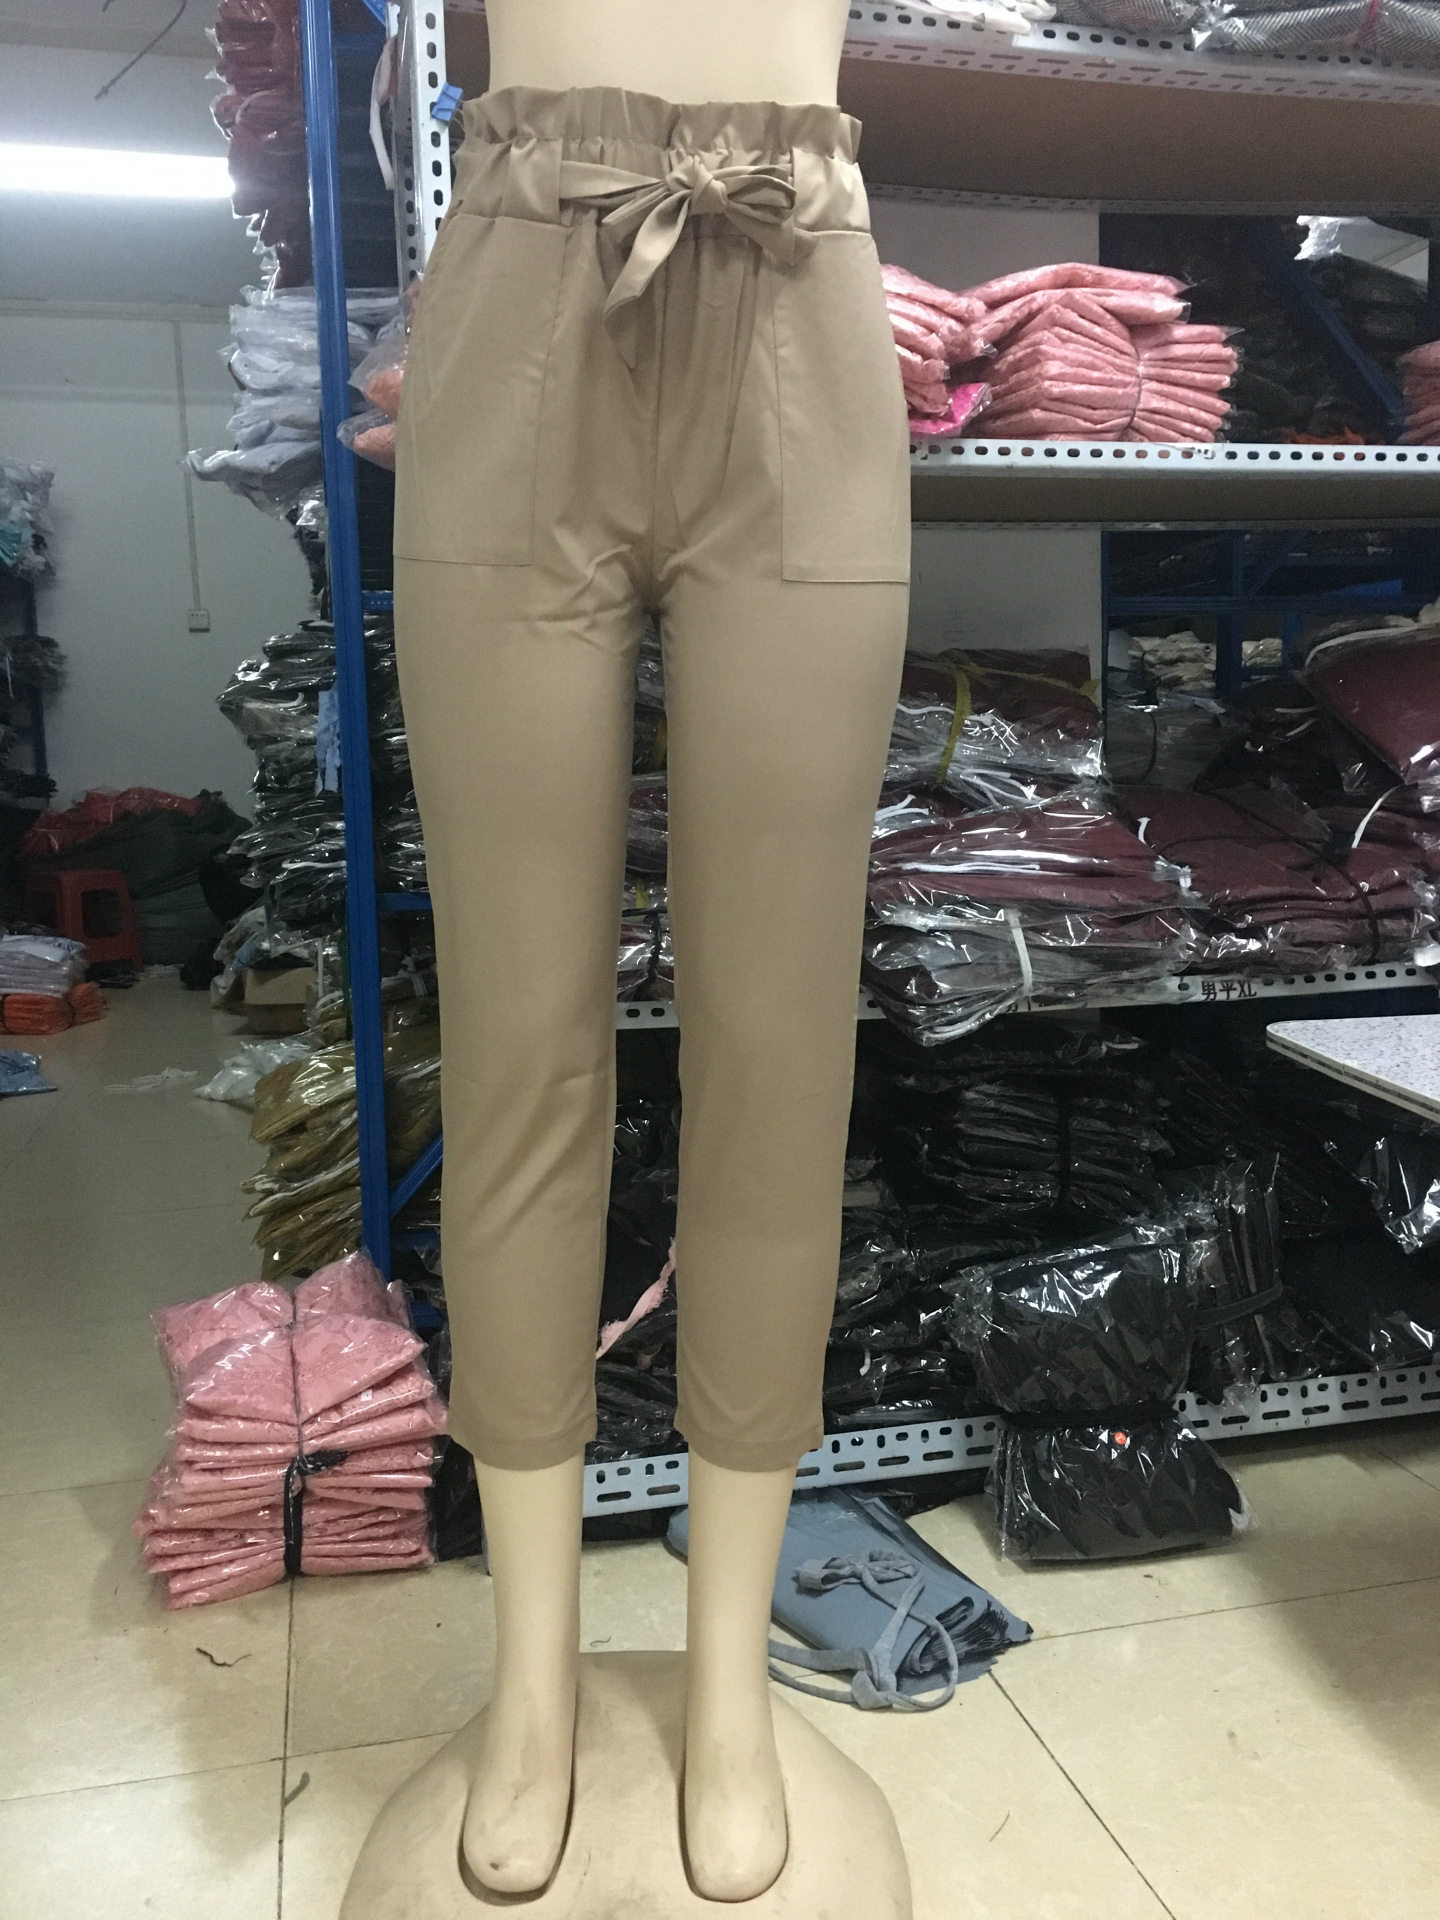 HTB1j4wcOFXXXXbTaFXXq6xXFXXXJ - Fashion Ruffle Waist Pencil Pants with Belt PTC 142